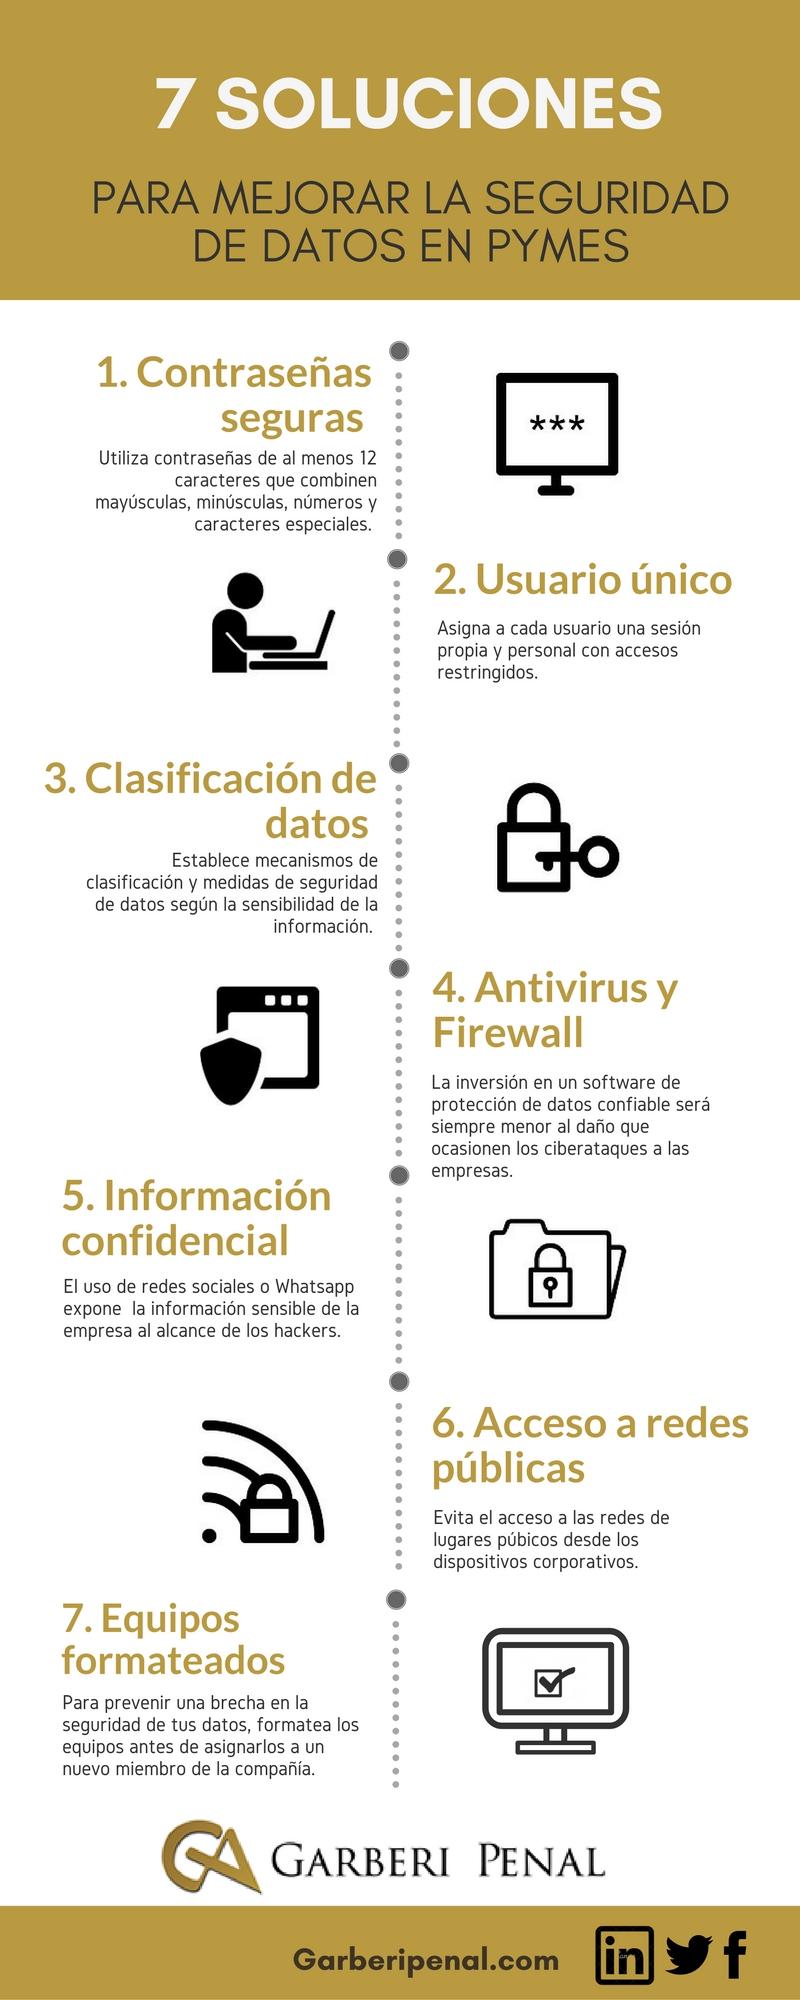 soluciones_seguridad_datos_pymes